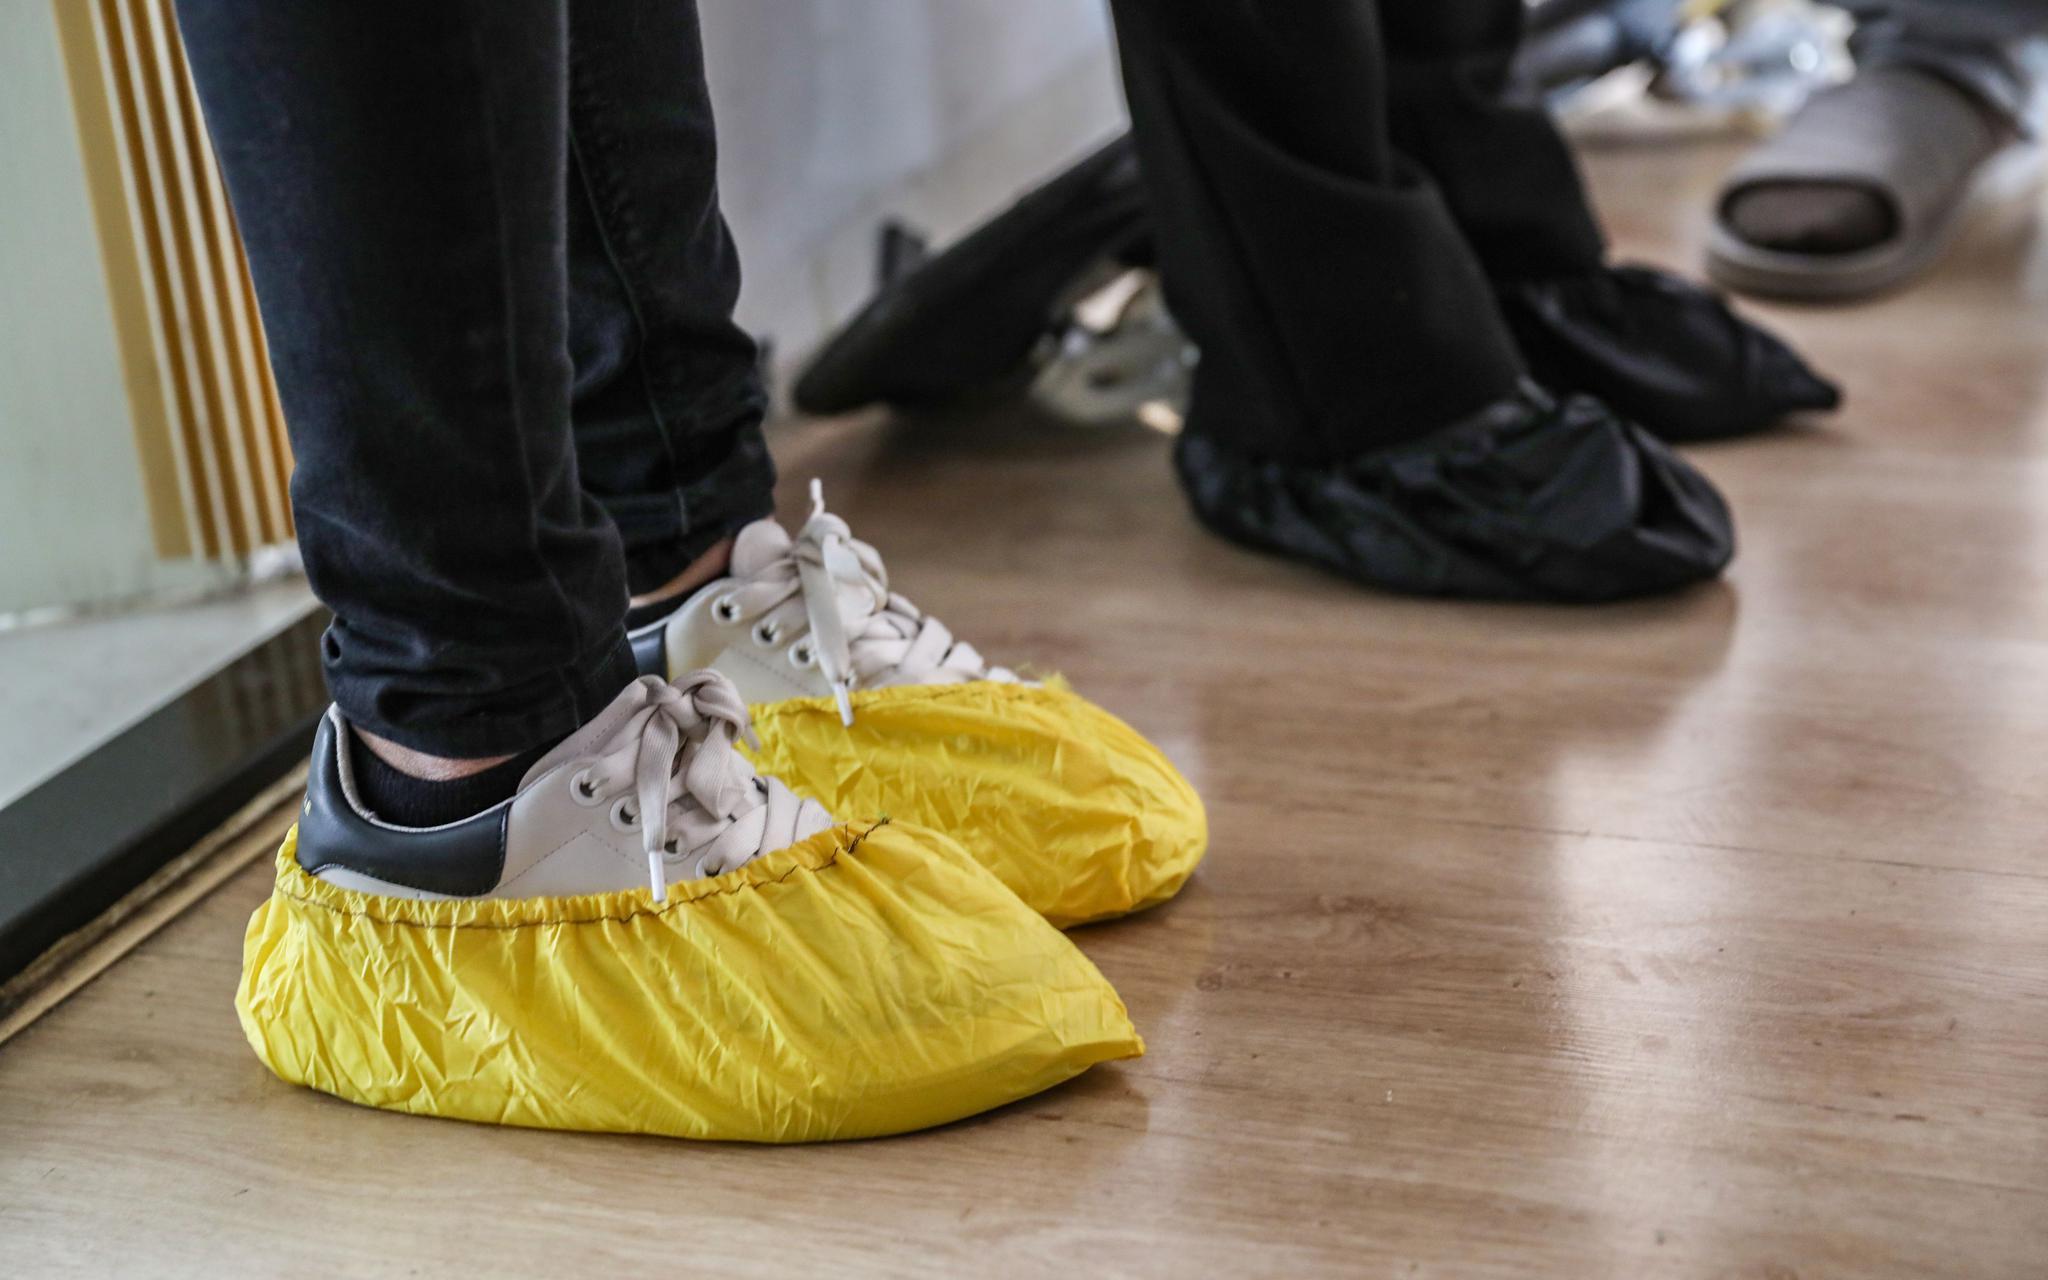 普查员换上鞋套,进入居民家中。新京报记者王远征摄